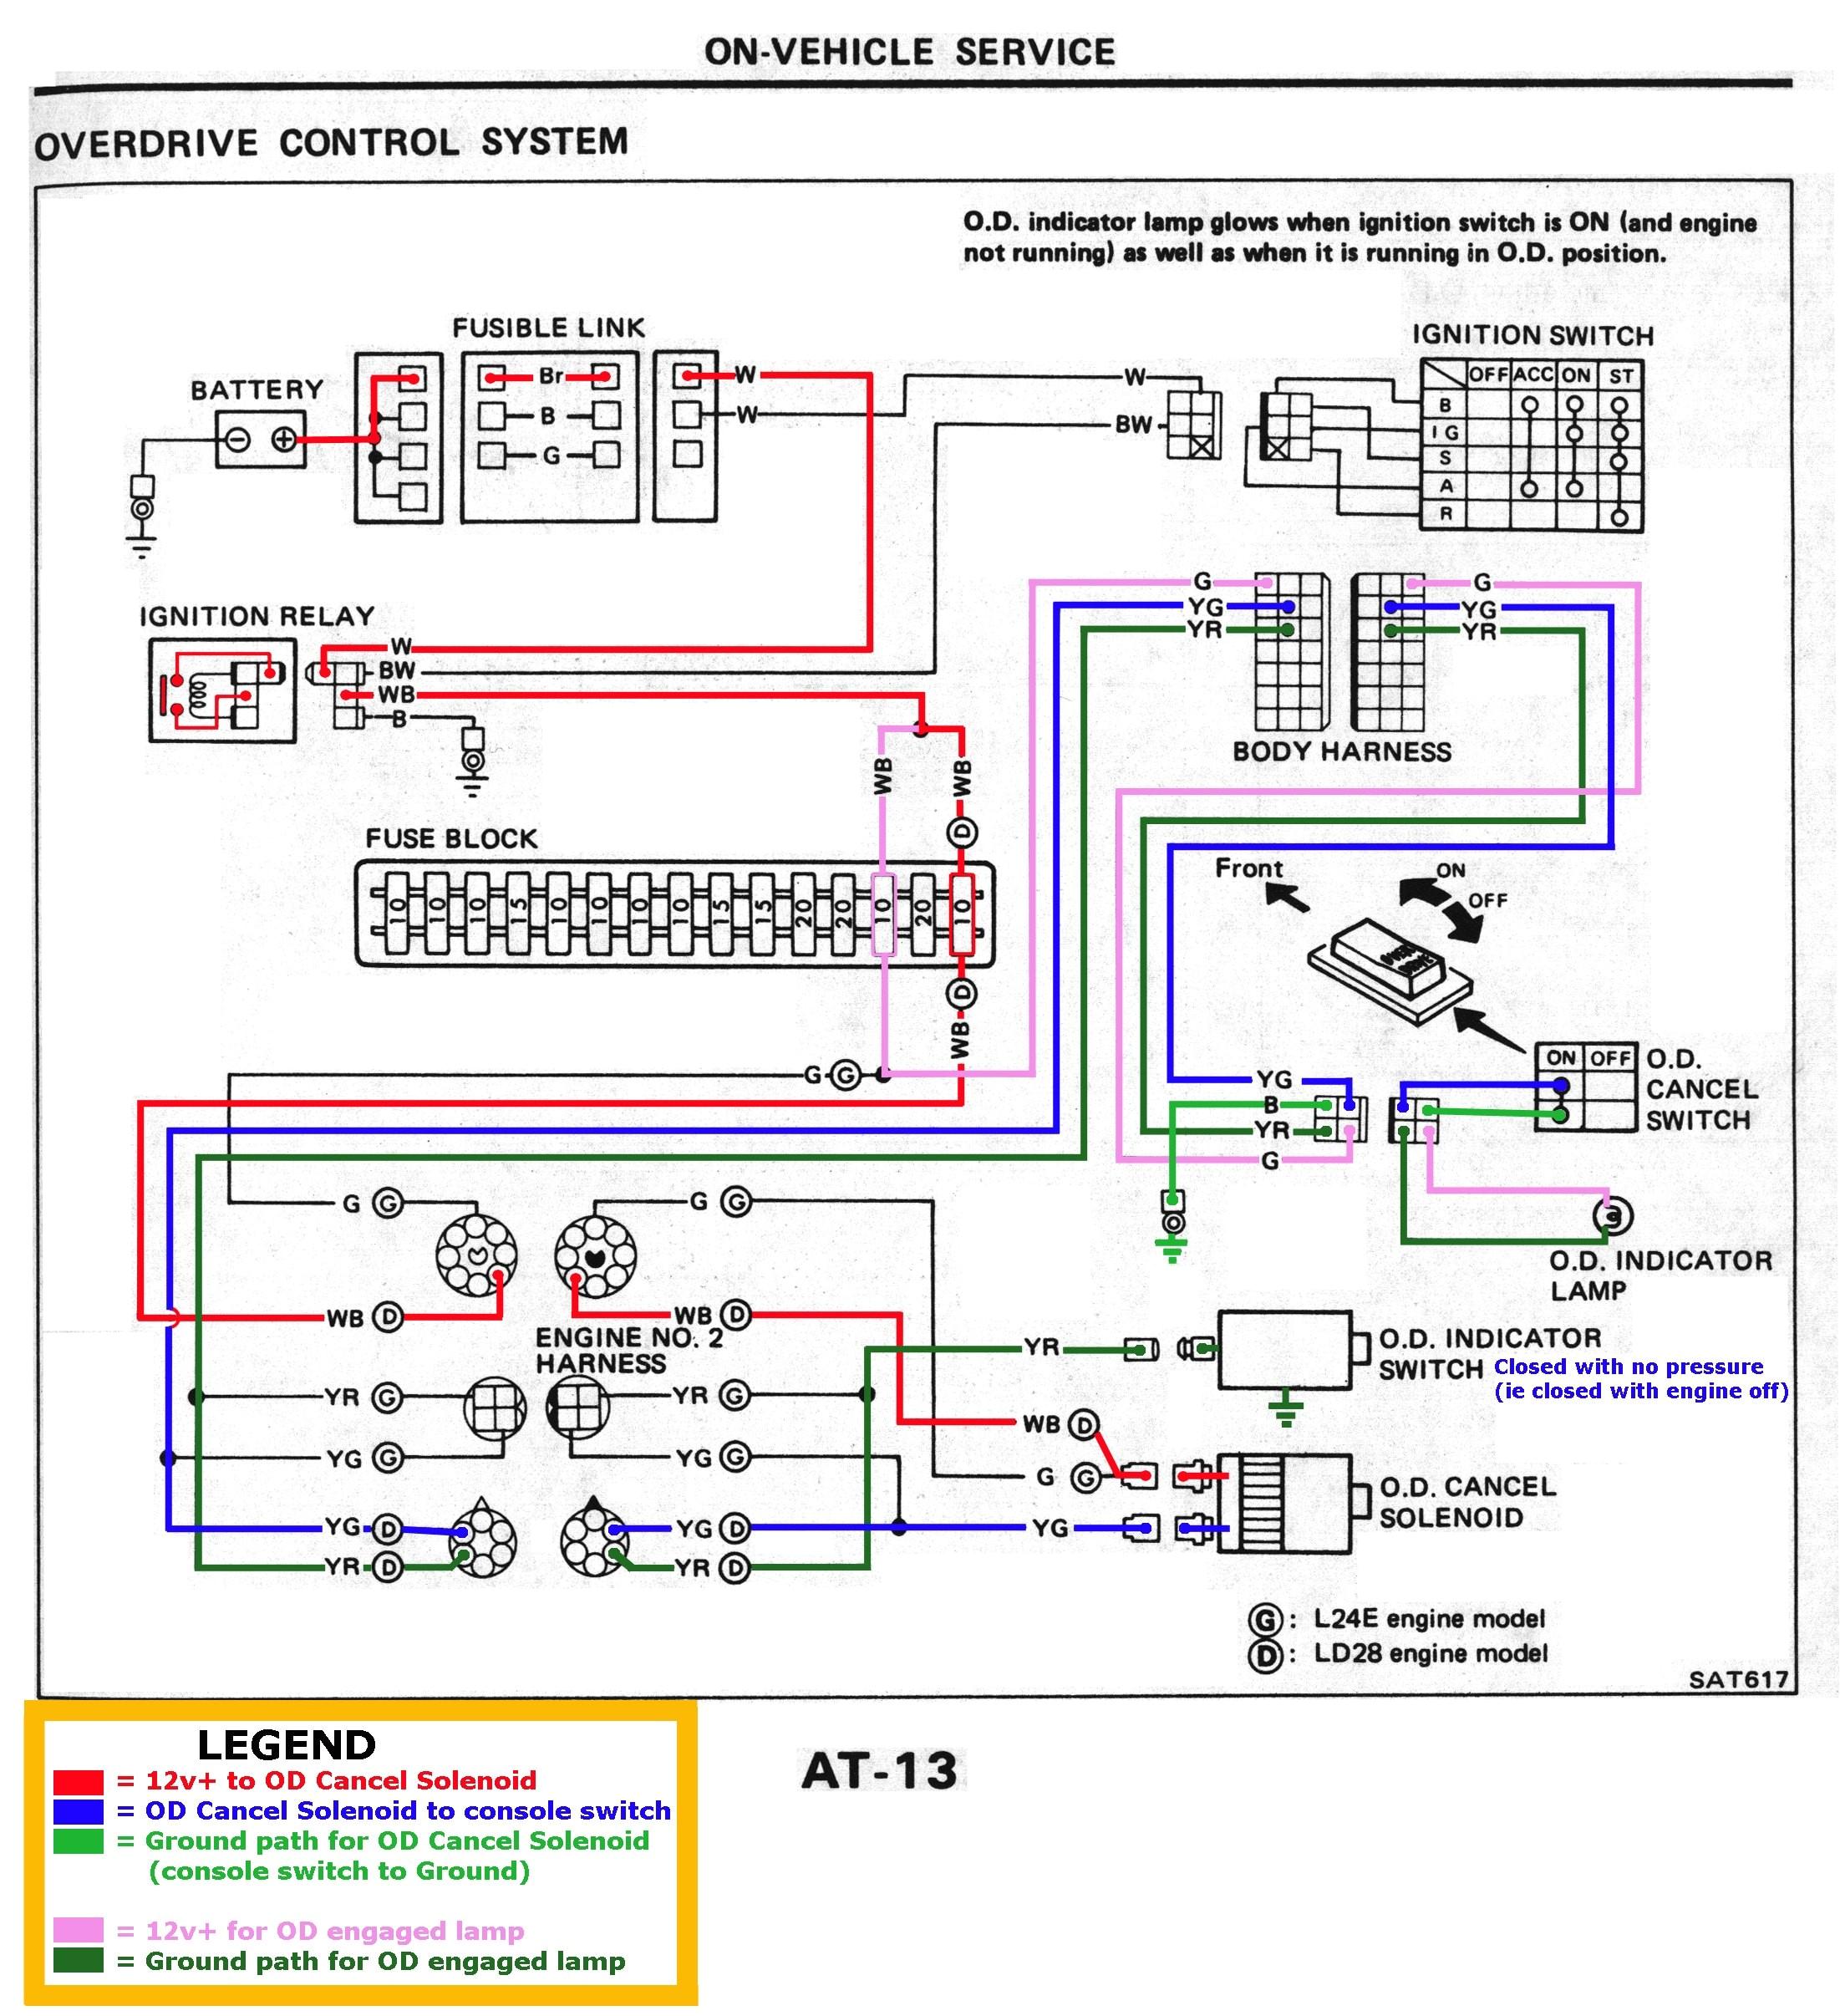 diesel engine components diagram basic diesel engine wiring diagram wiring diagram collection of diesel engine components diagram jpg